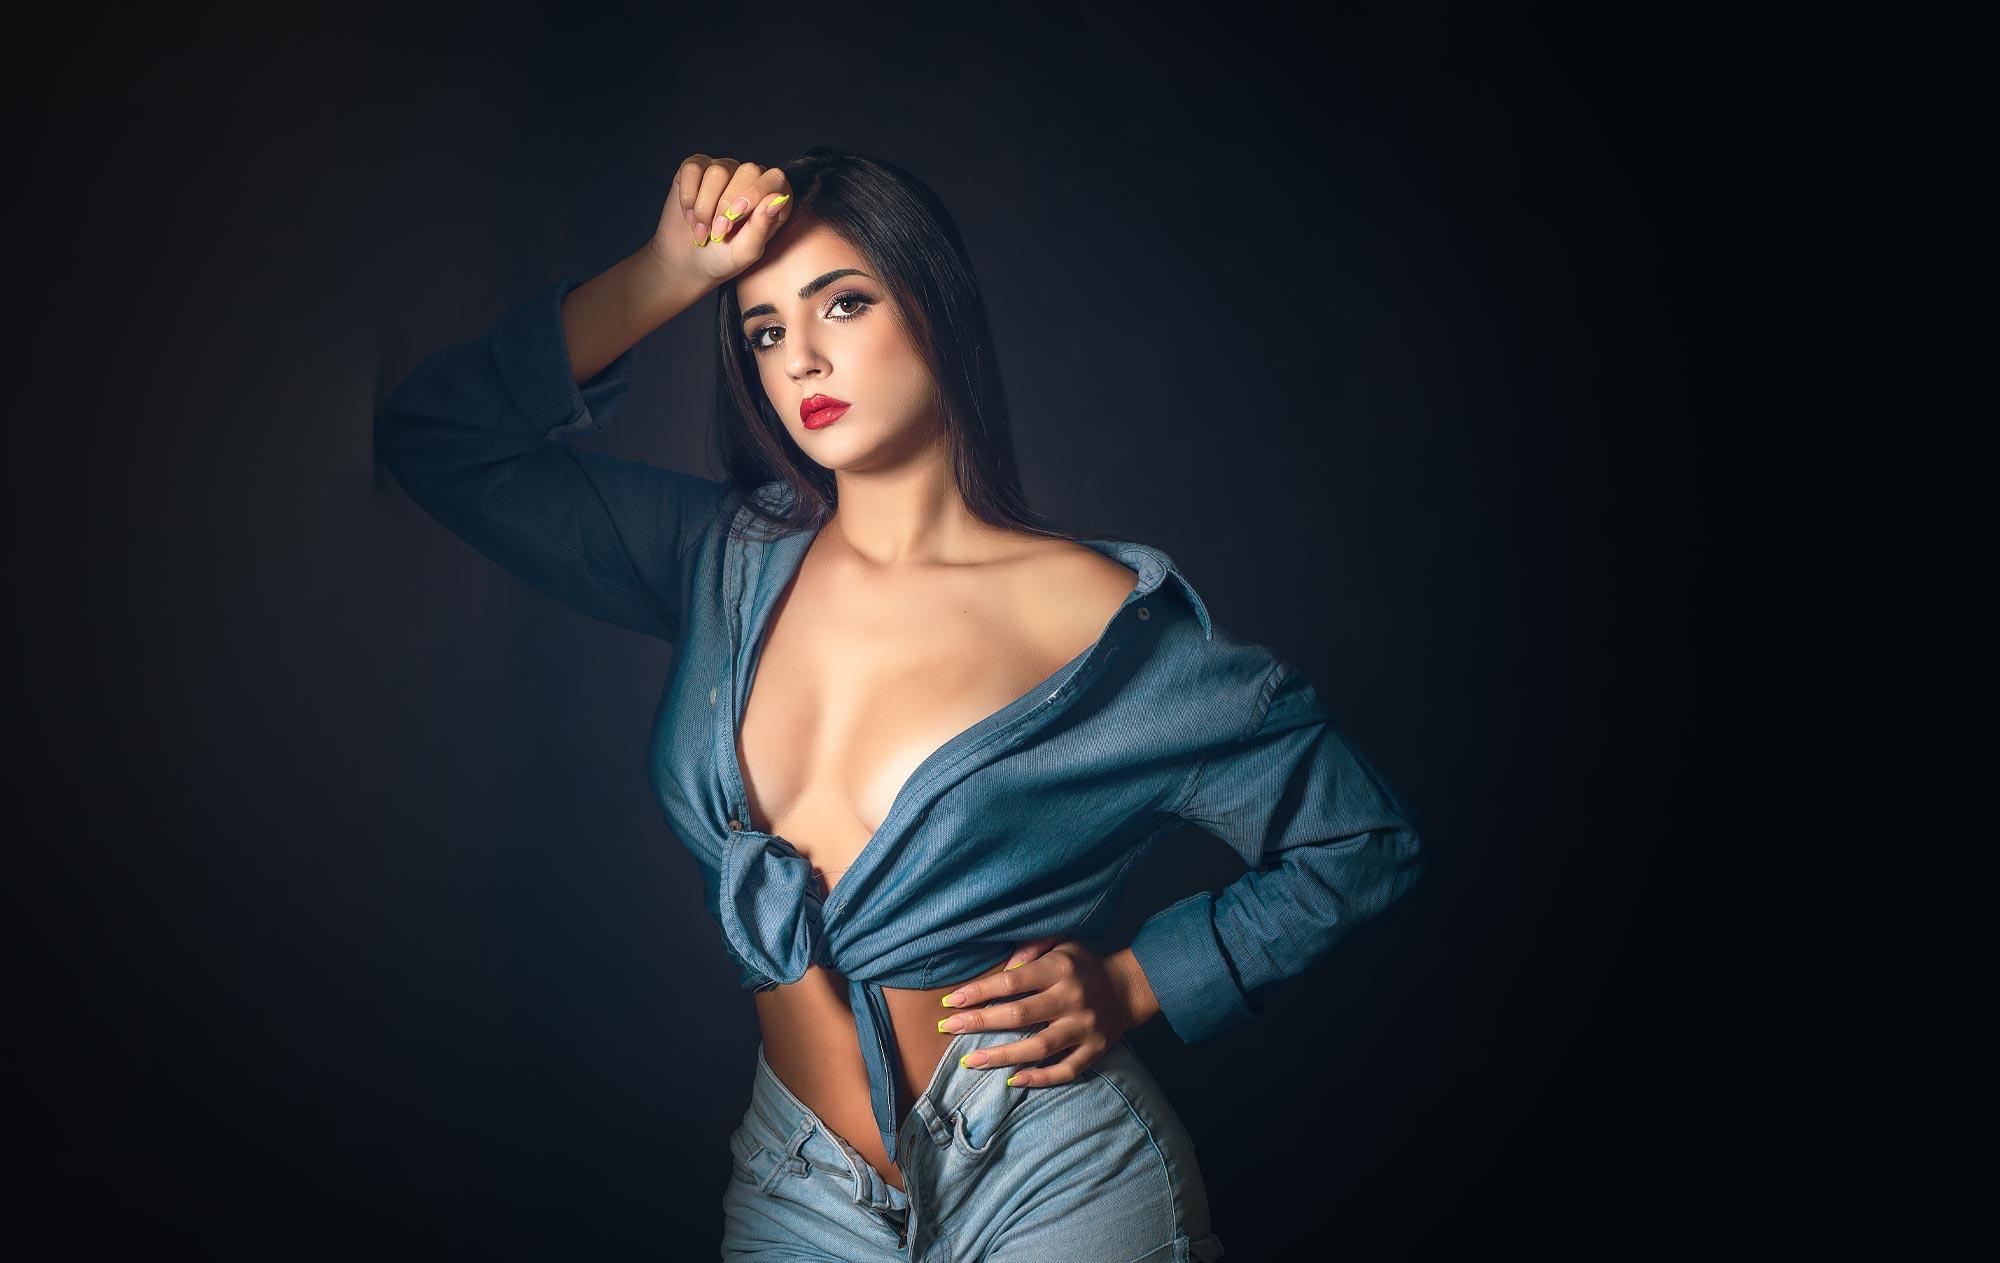 Fotografo Professionista Milano Ritratto modelle glamour studio fotografico